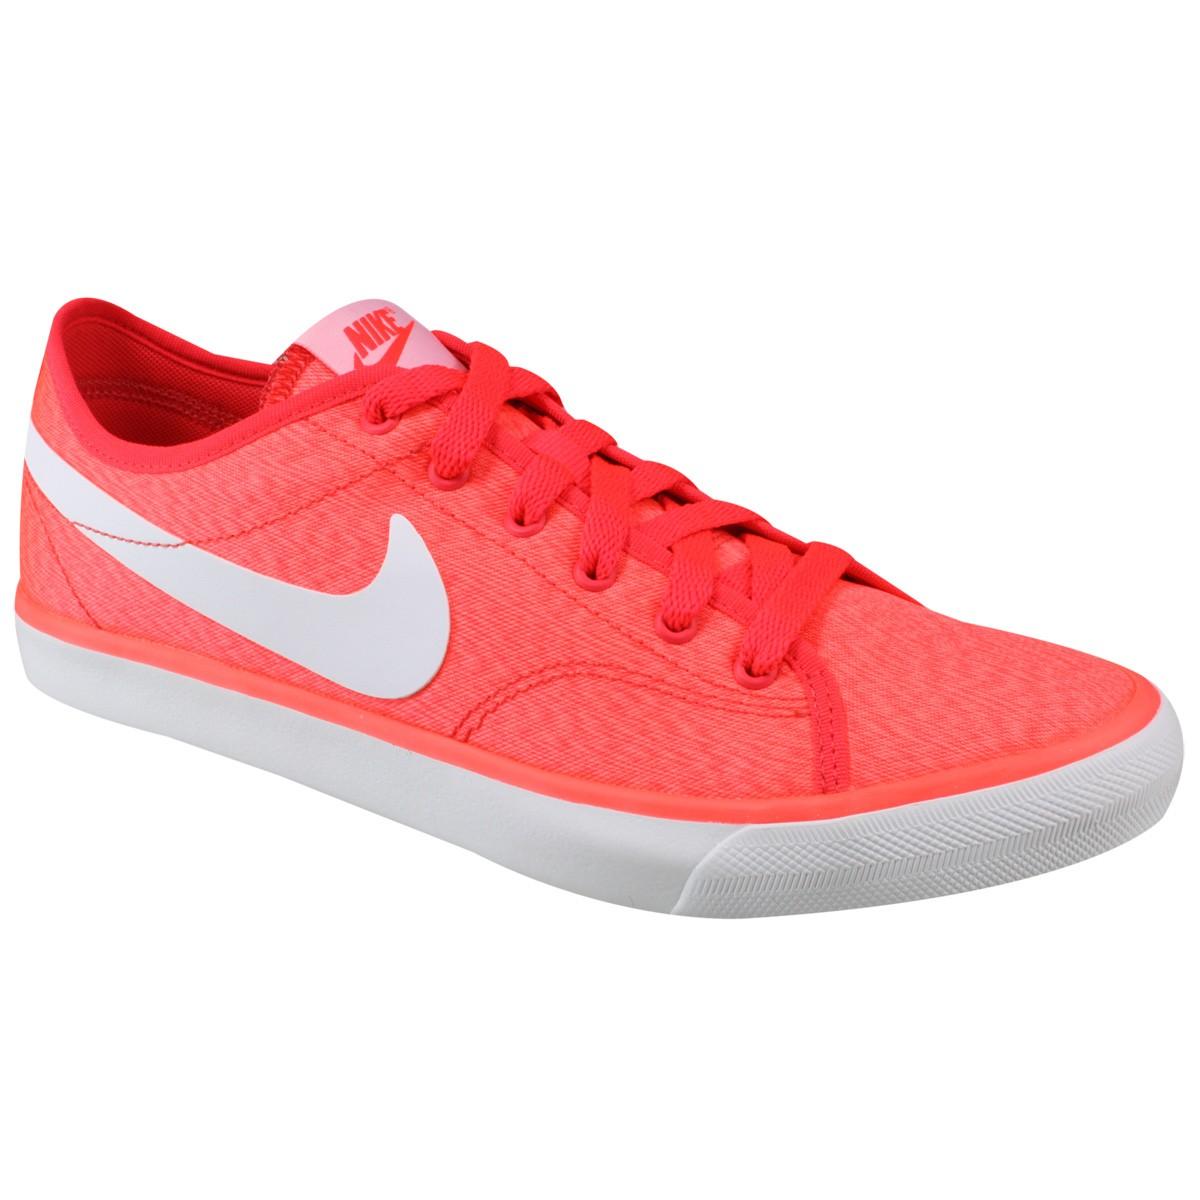 488ed4a775 Tênis Nike Primo Court Txt 820202-618 Laranja